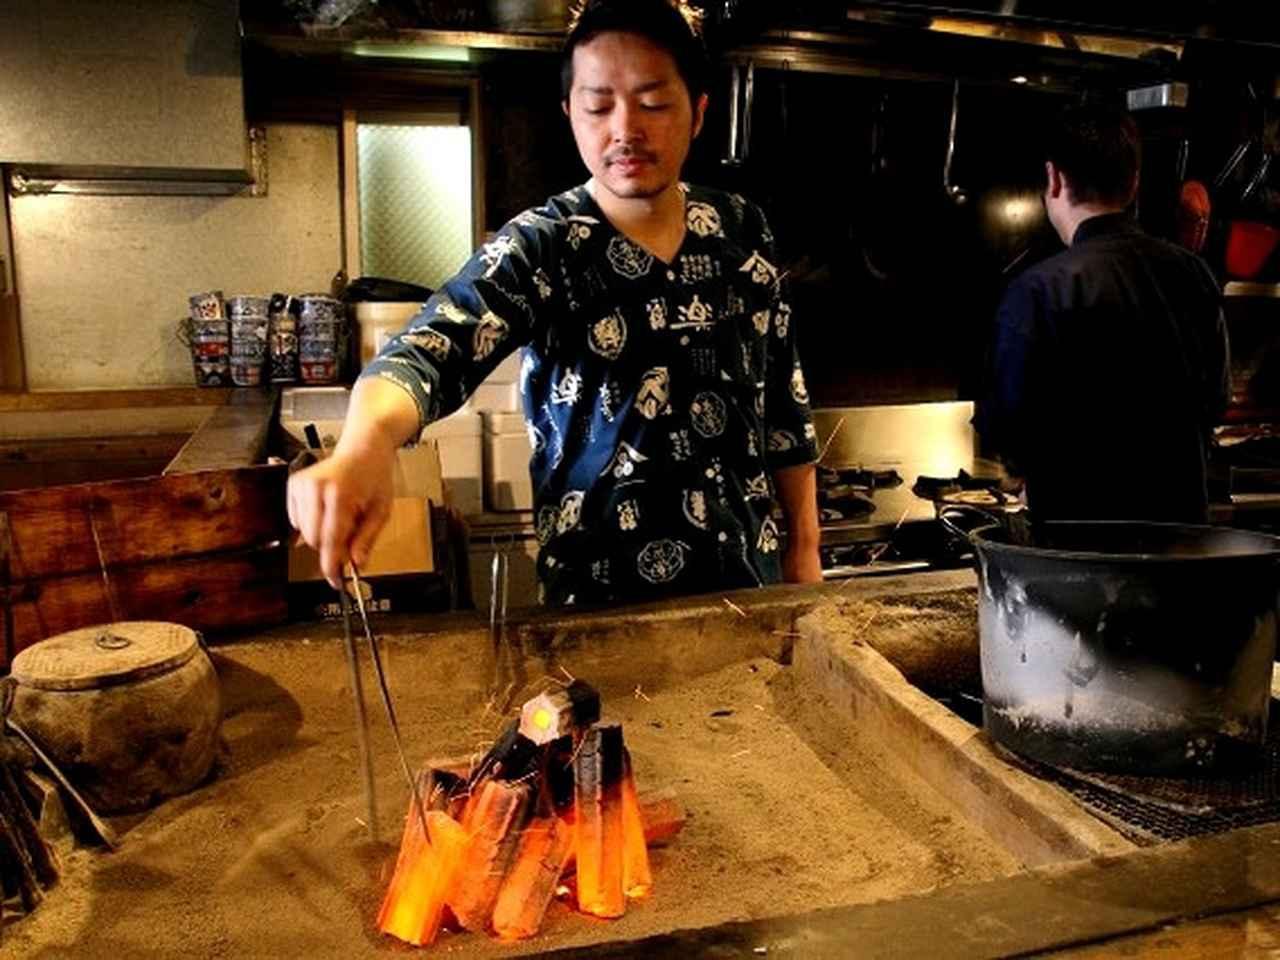 画像: 一番のウリは、囲炉裏焼きです。備長炭を用いて、遠火の強火という昔ながらのスタイルで20~30分かけて焼き上げます。